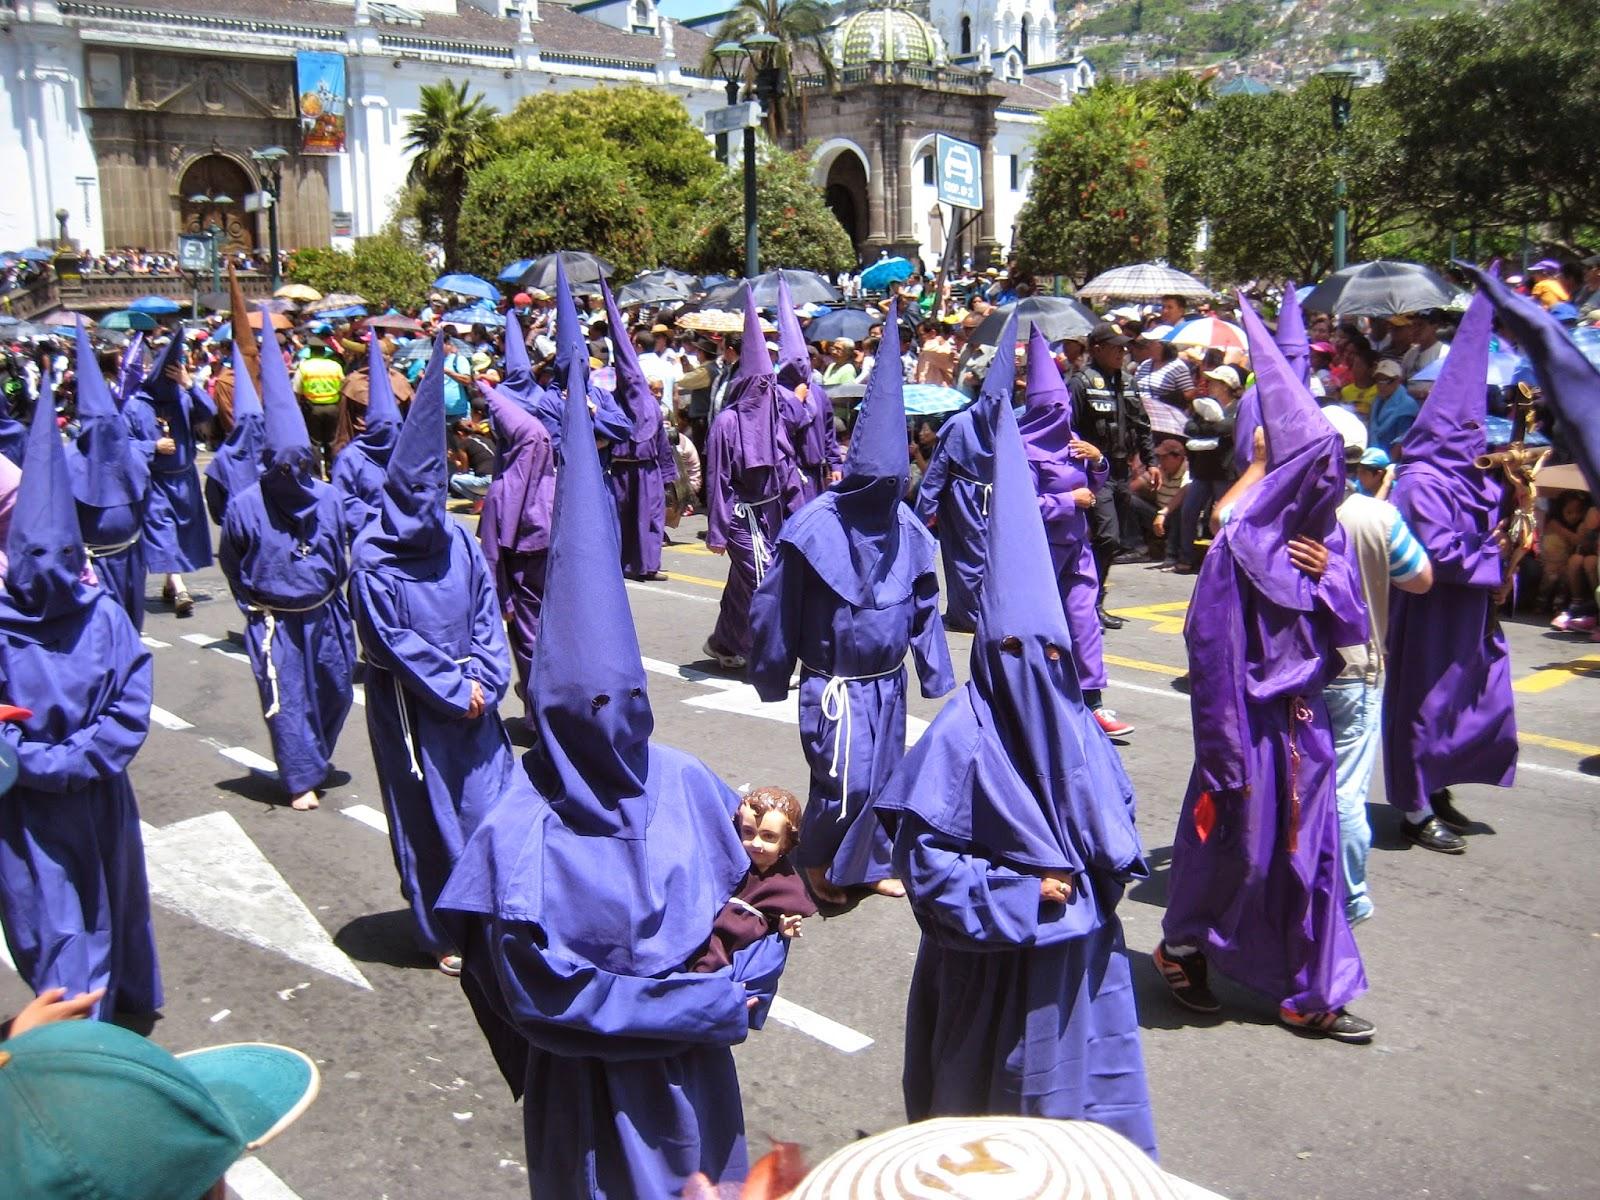 semana-santa-quito-ecuador (3) – El Viaje de mi Vida   Semana Santa Quito